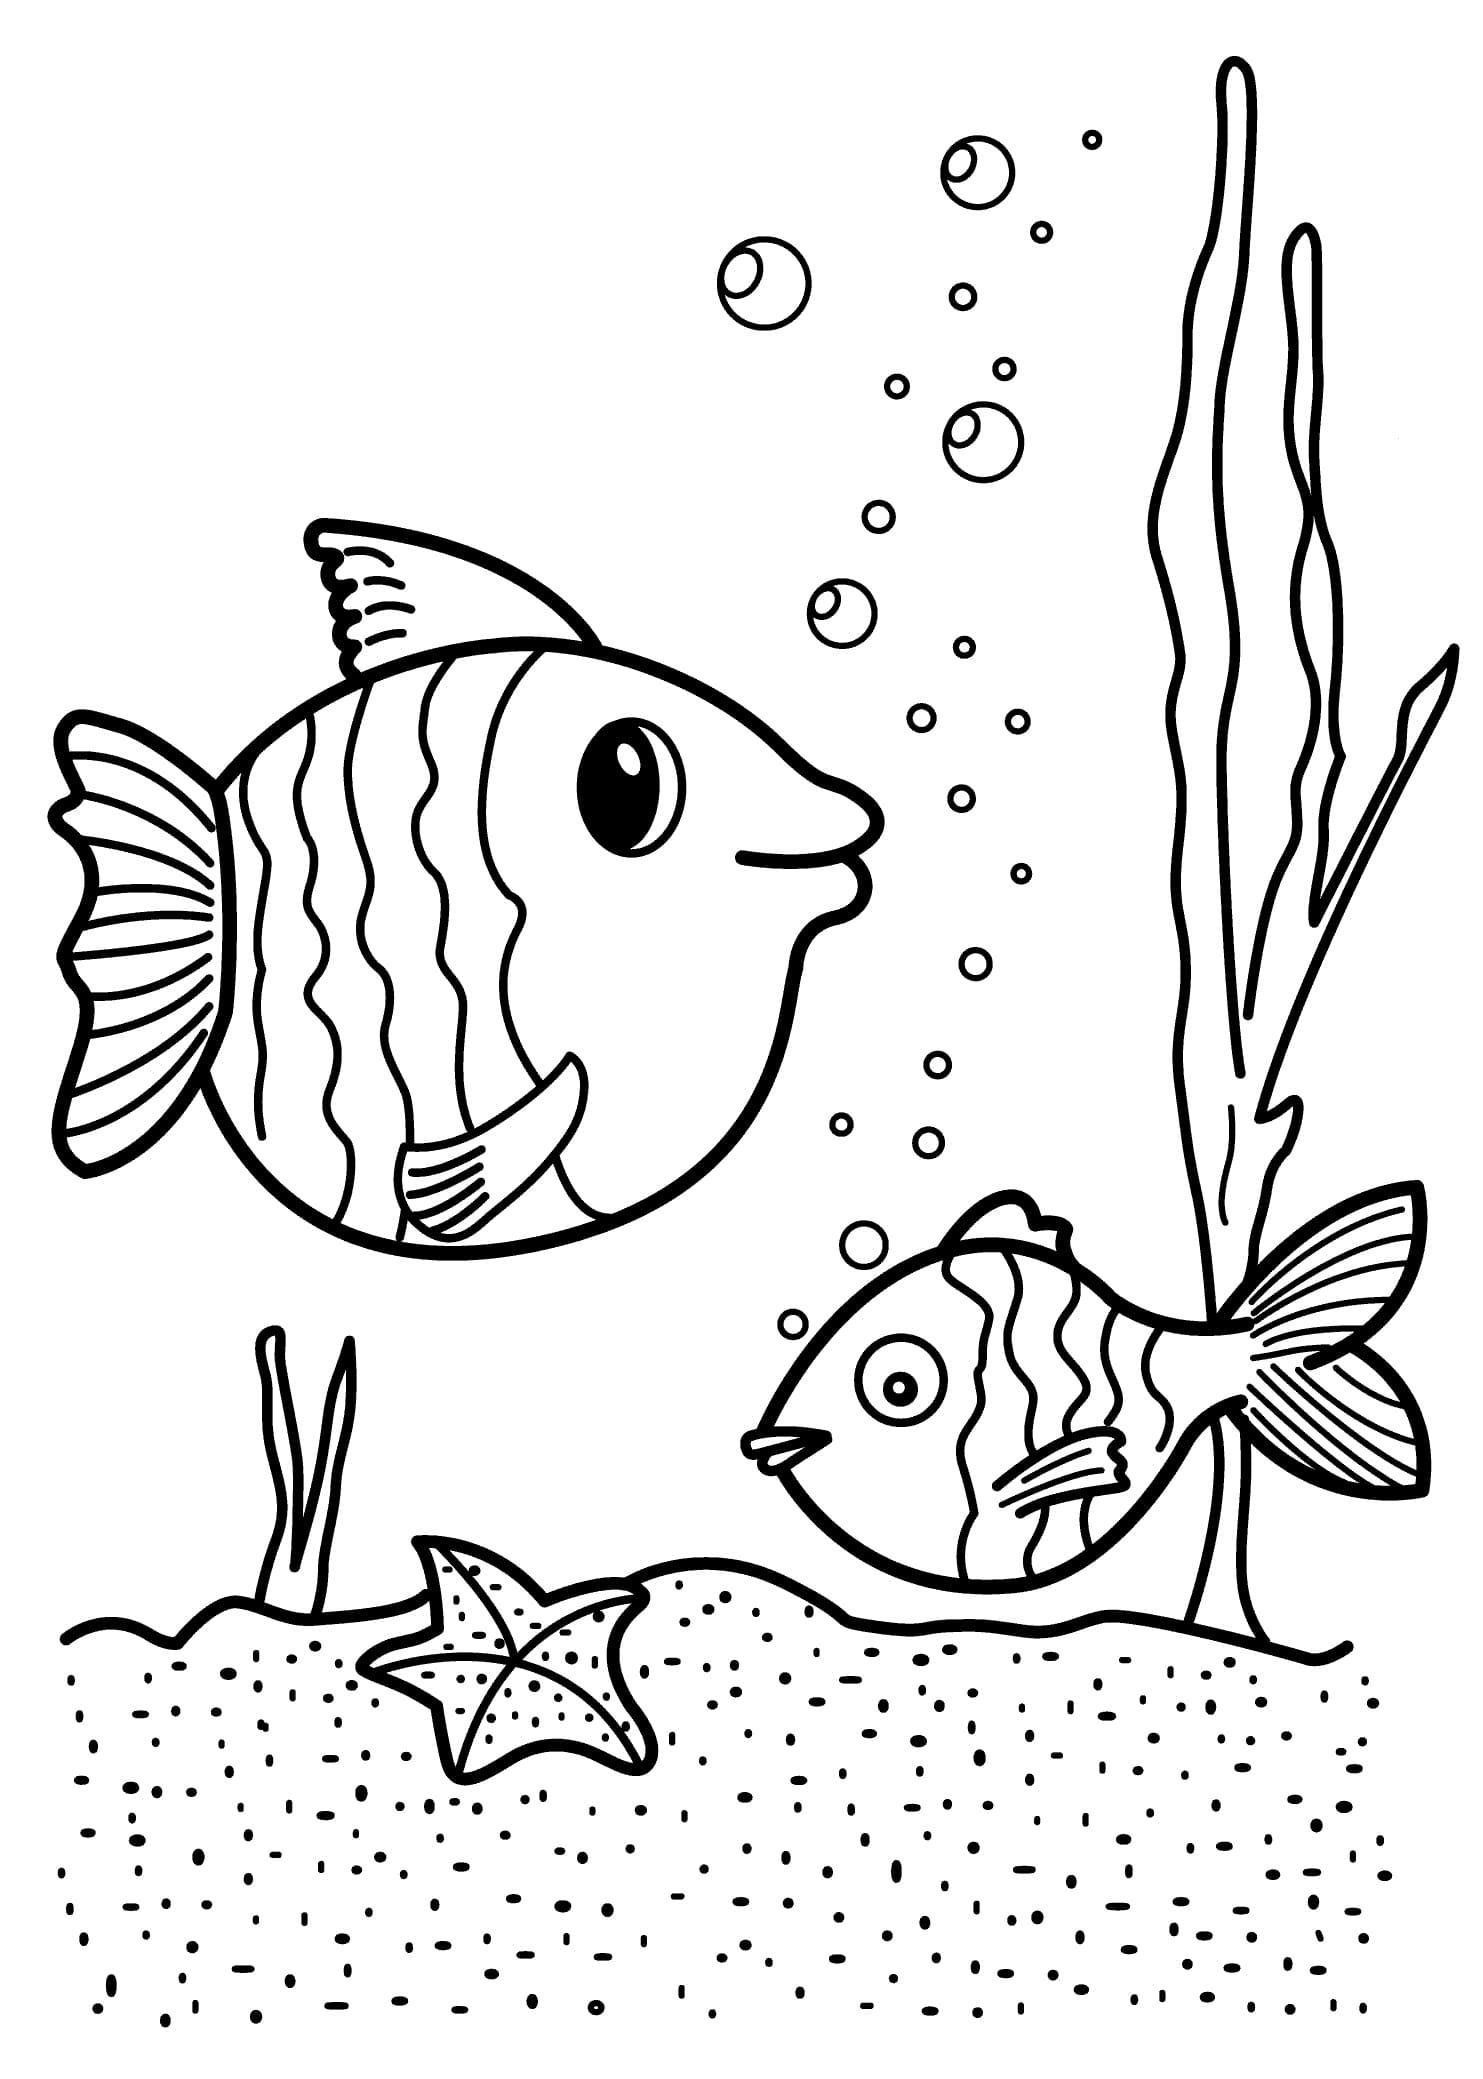 Картинки раскраски рыбки, для детей